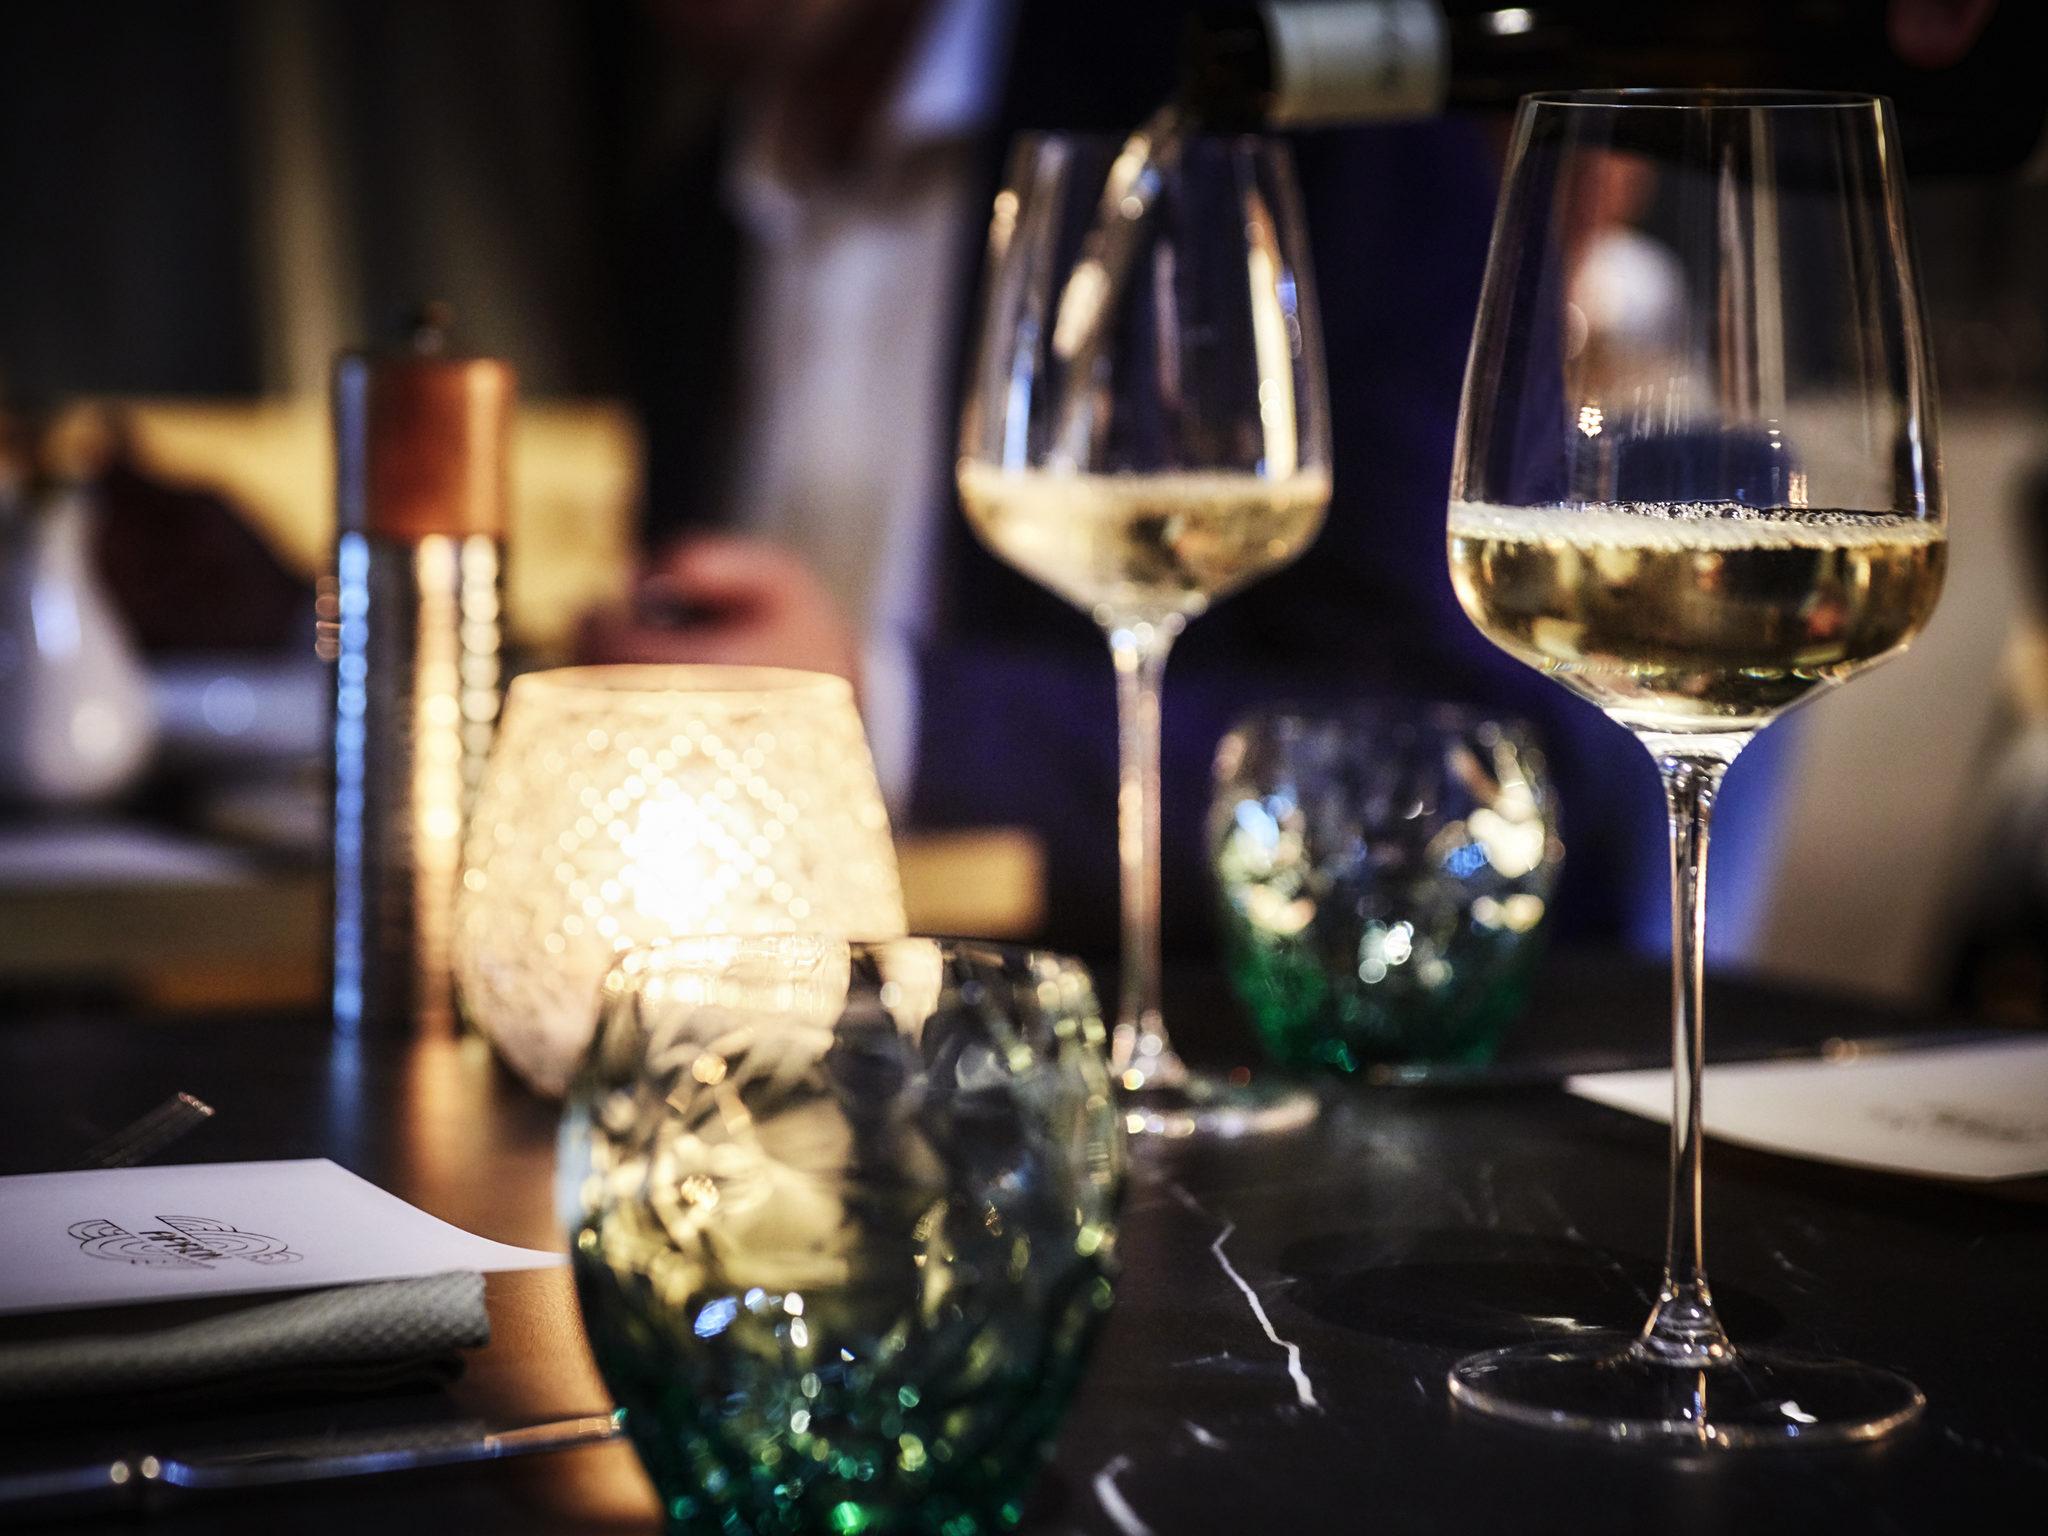 Hotel am konzerthaus boutique hotel vienna accor for Boutique hotel vienne